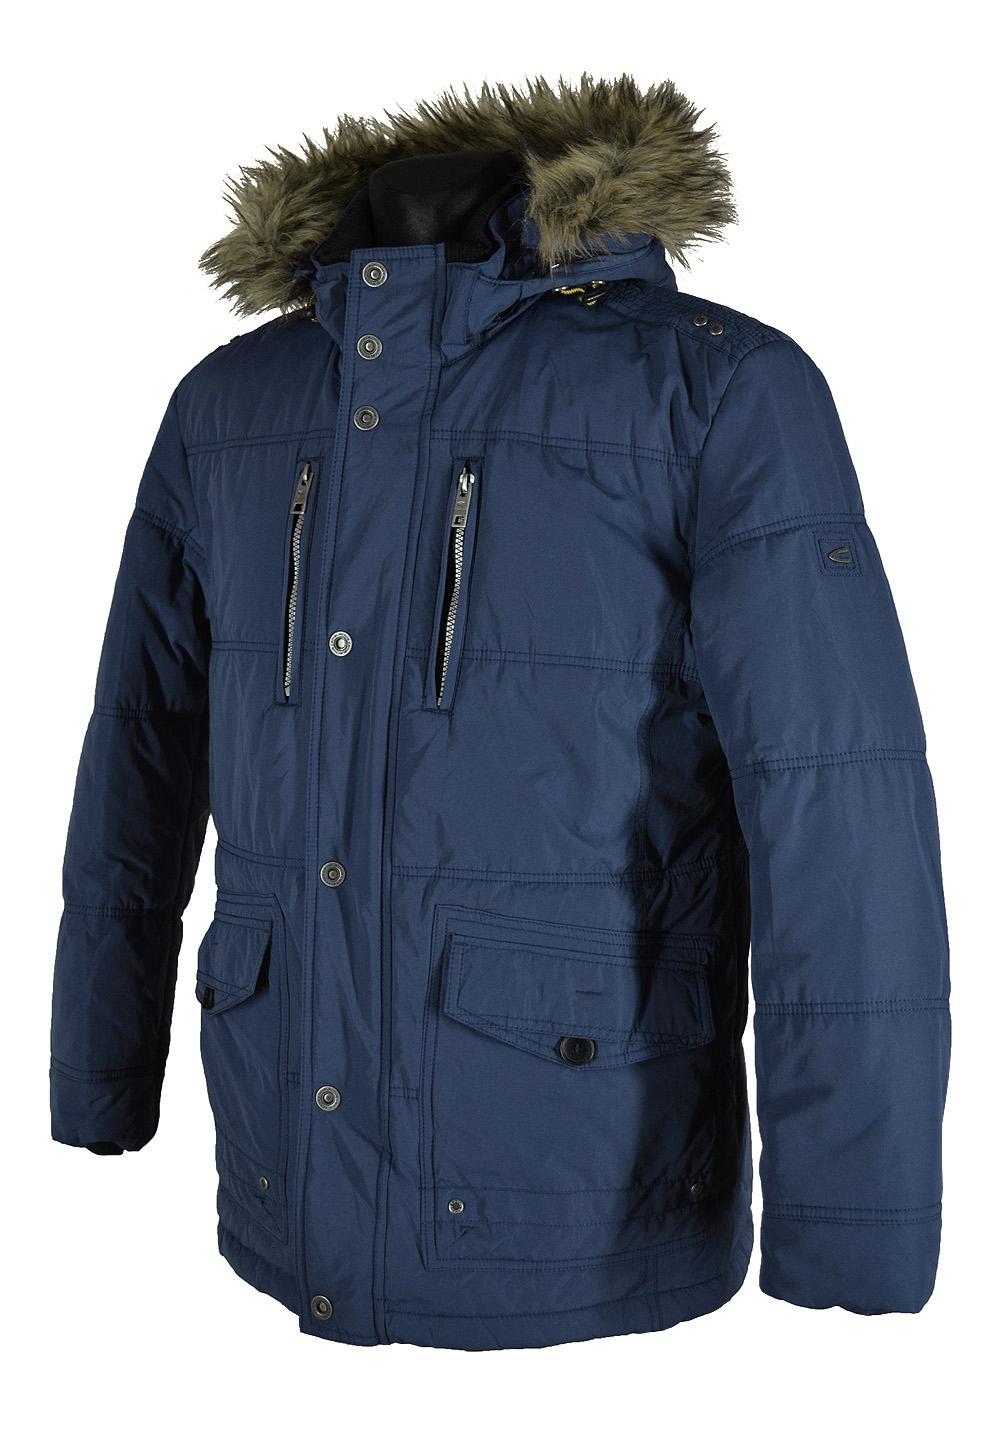 О происхождении куртки Аляска говорит её название. . Аляска рассчитана на ношение в. Продажа зимних курток в минске